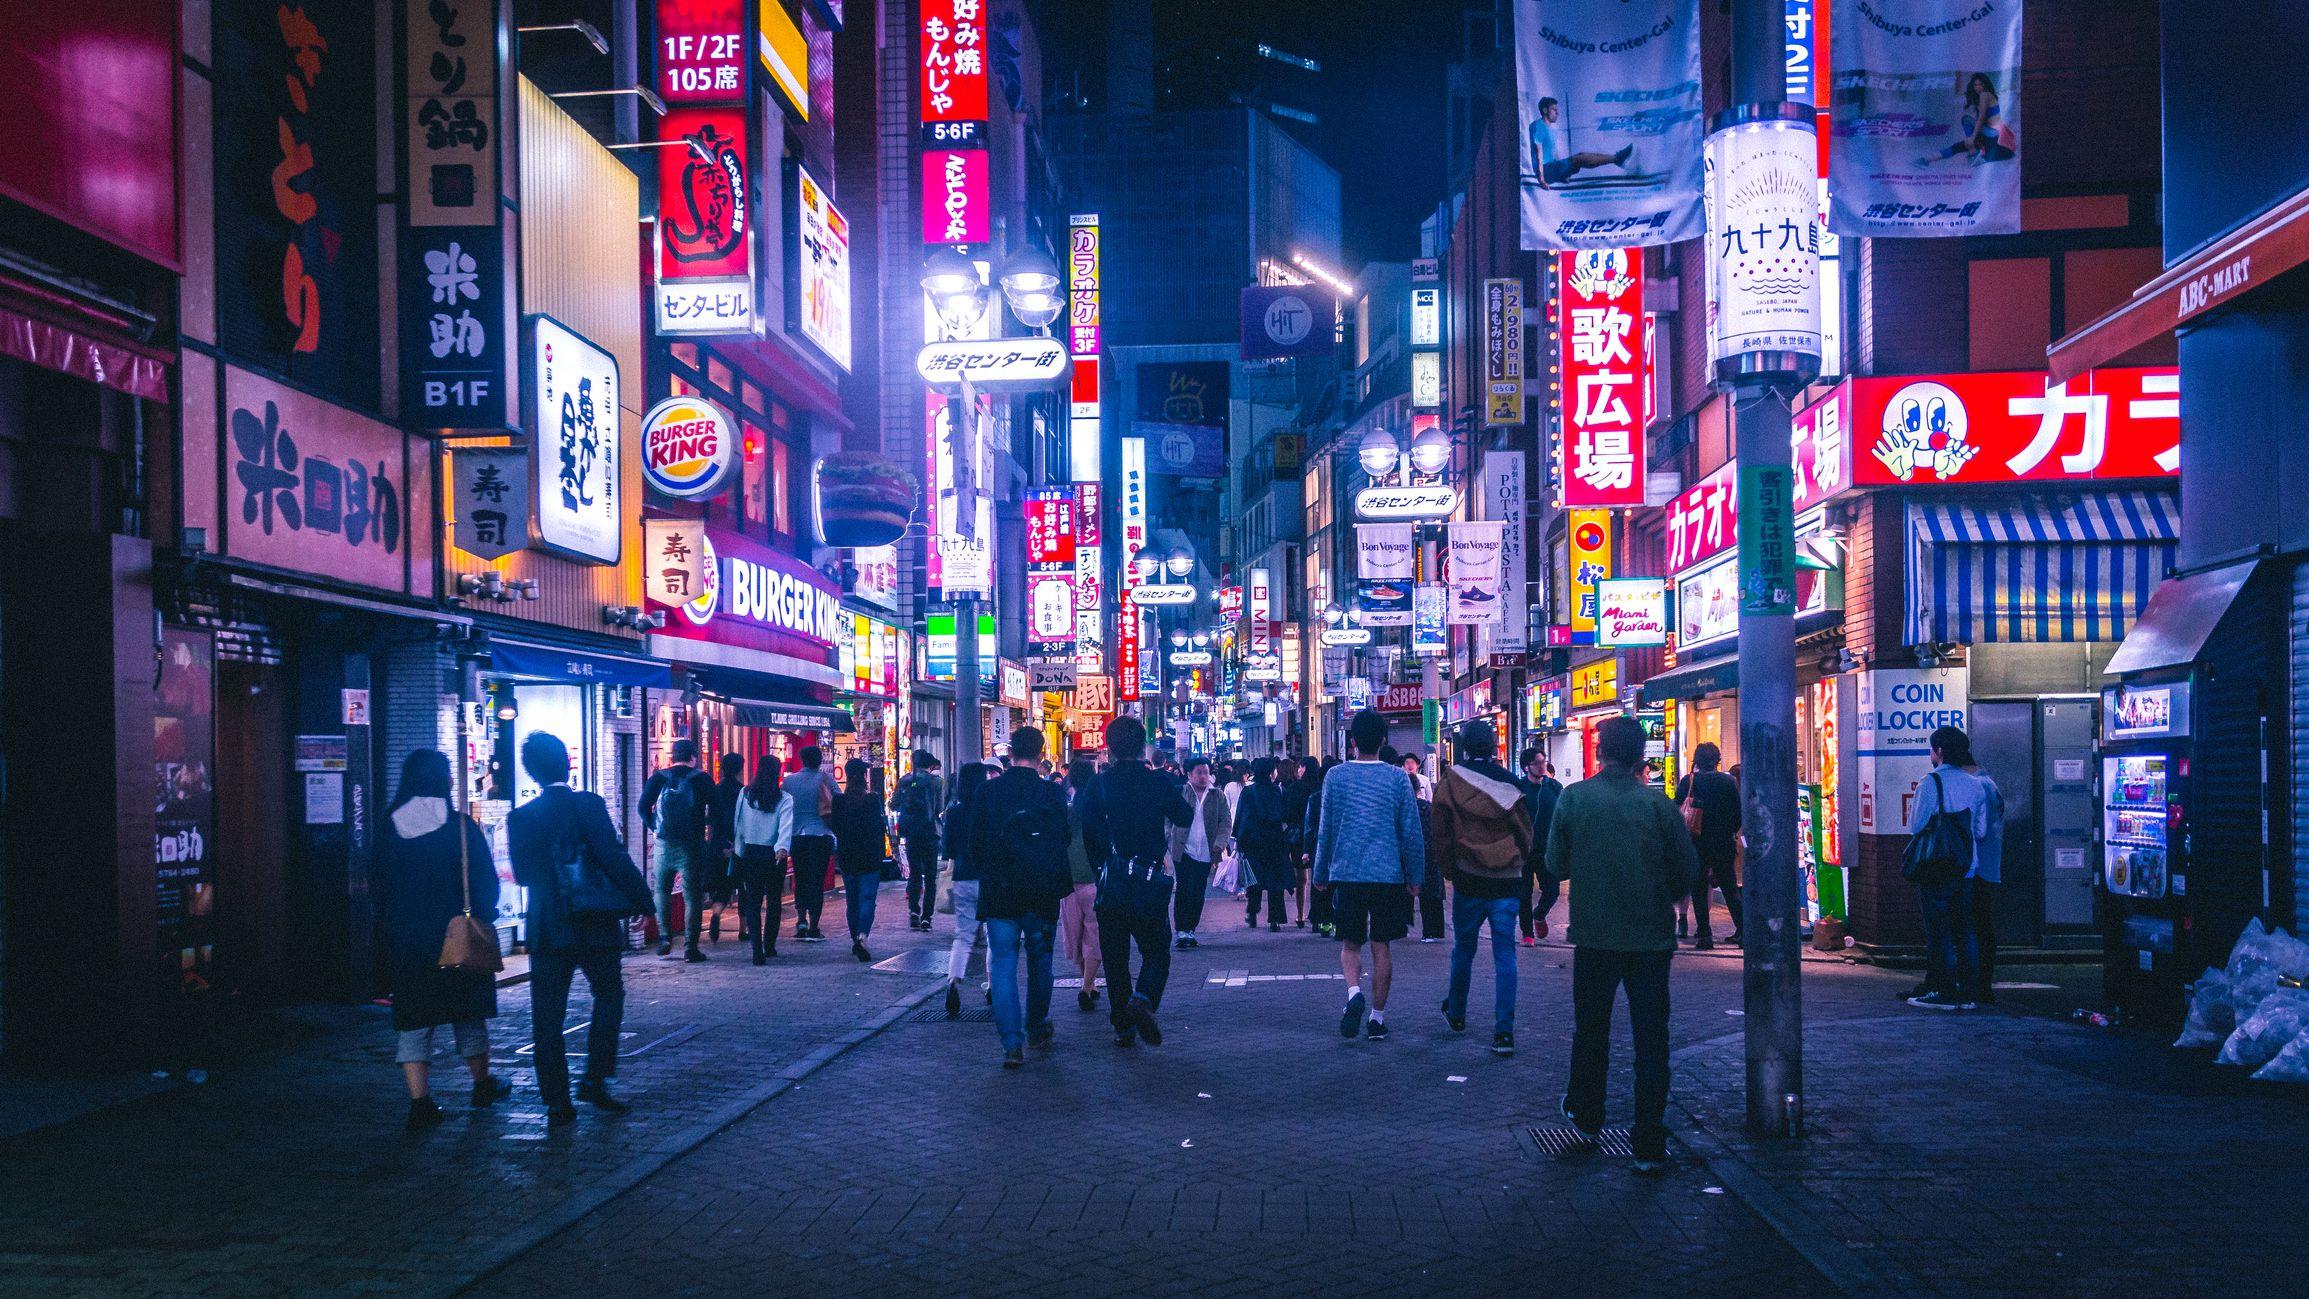 Viaggio (dal divano) nella Tokyo notturna e cyberpunk di Liam Wong